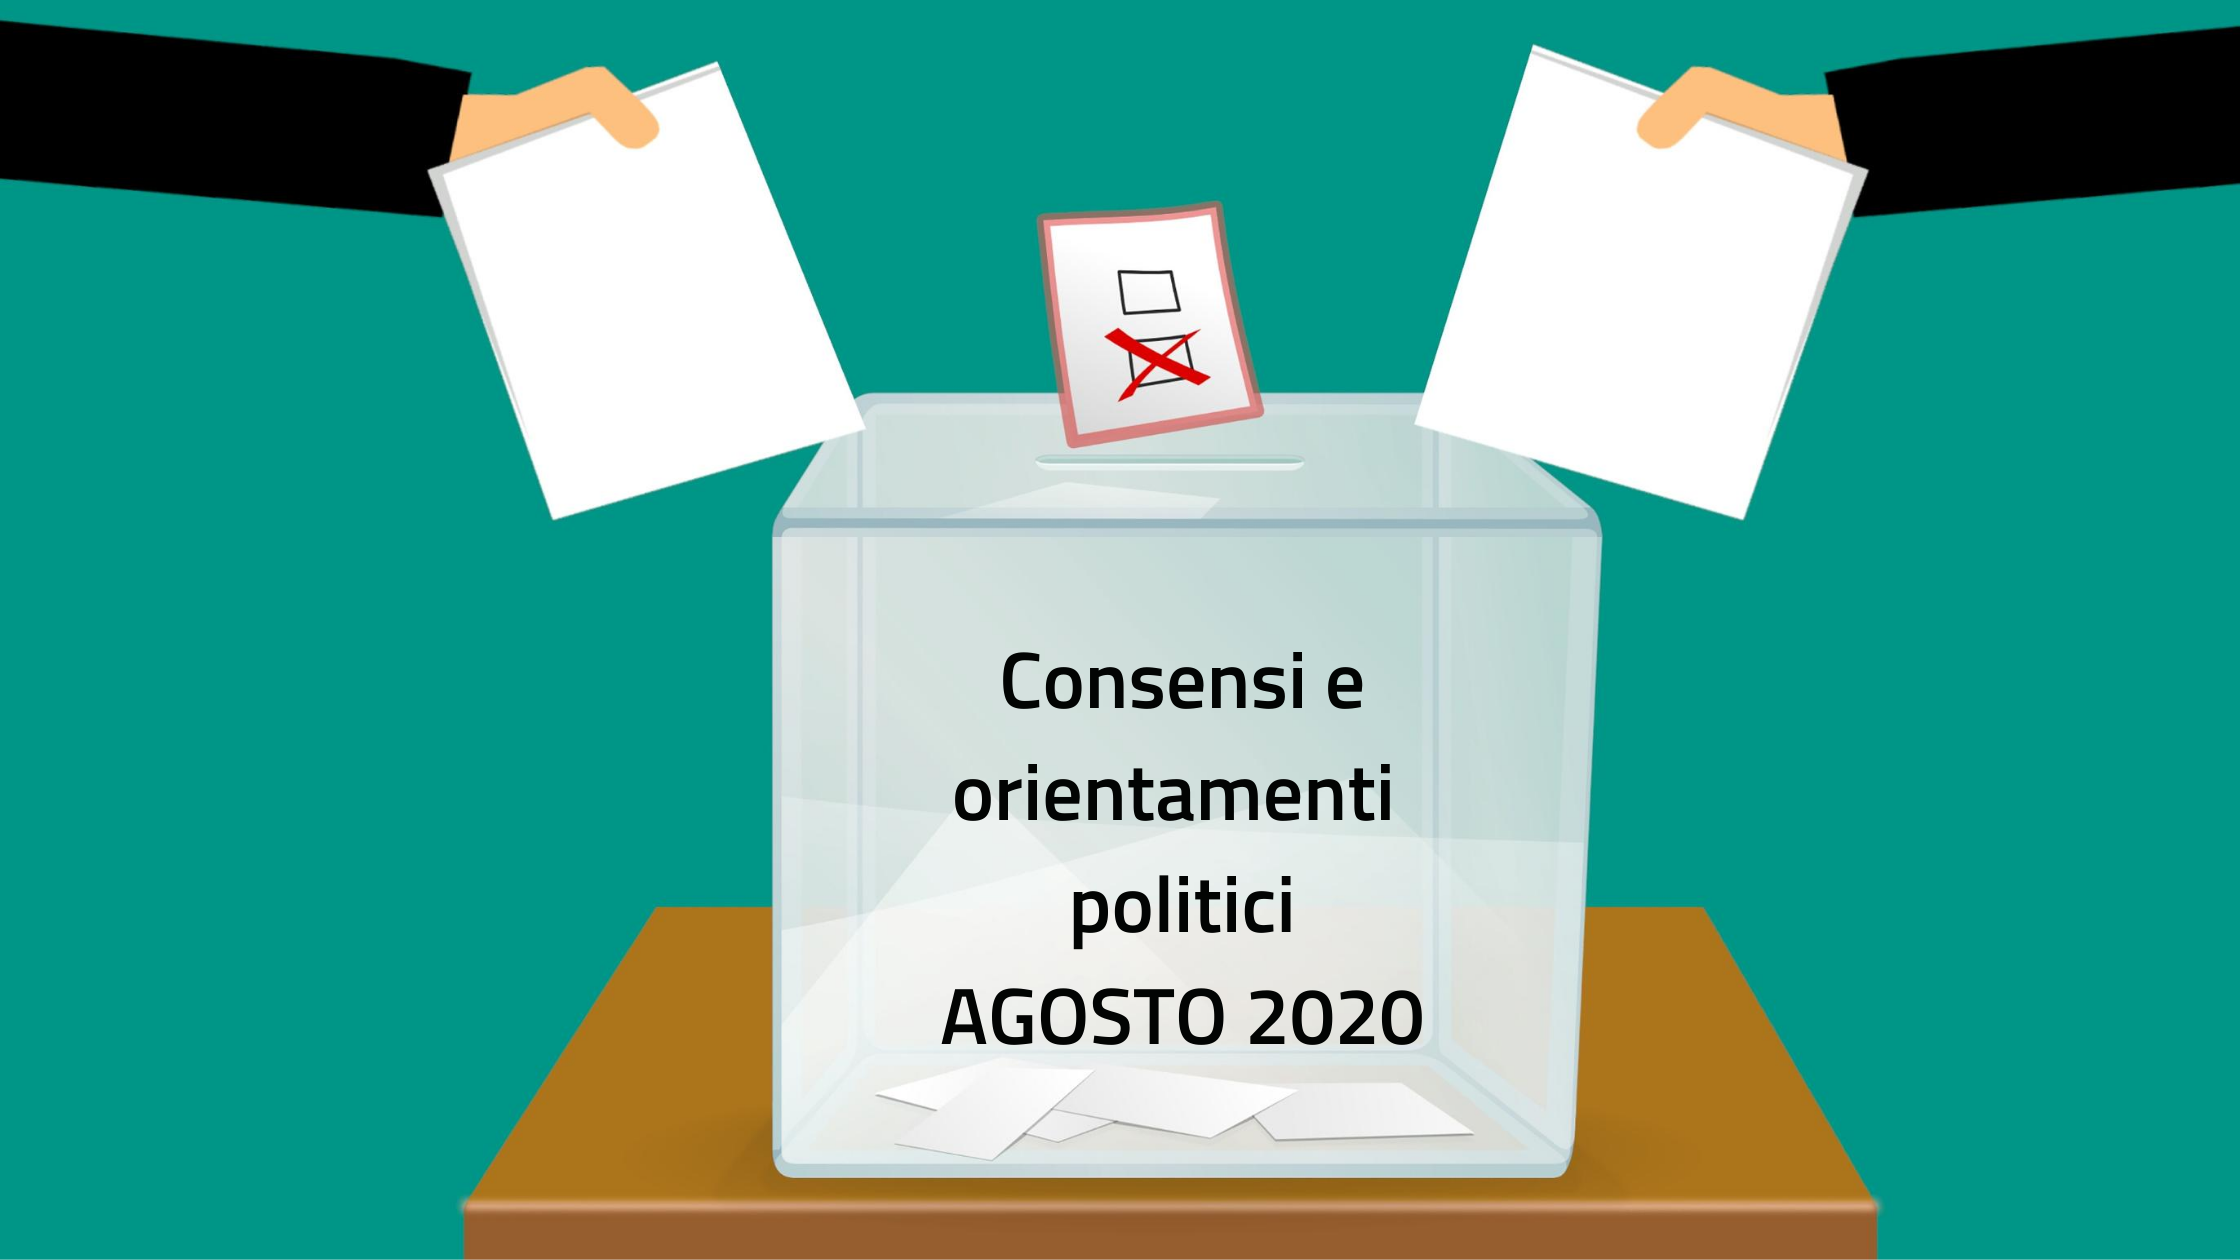 orientamenti di voto agosto.png